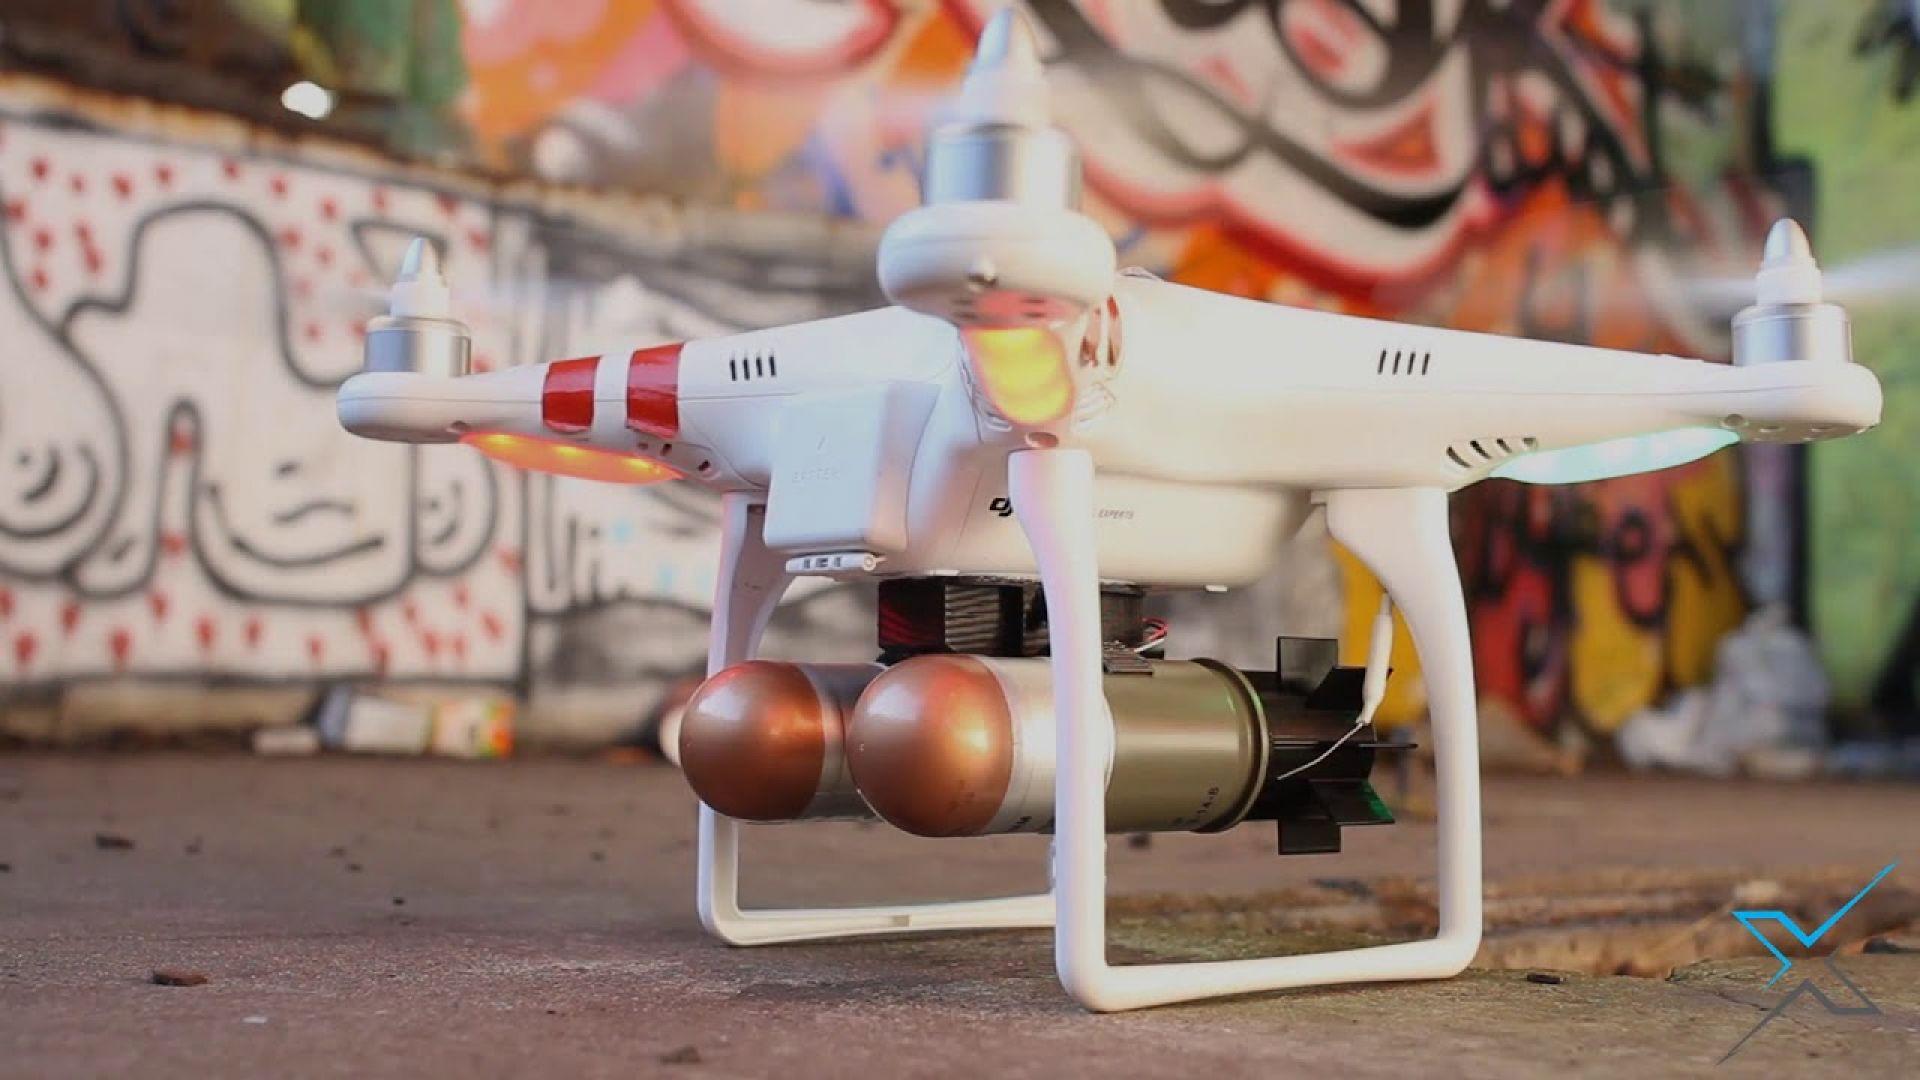 Създадоха дрон, който да сваля други дронове